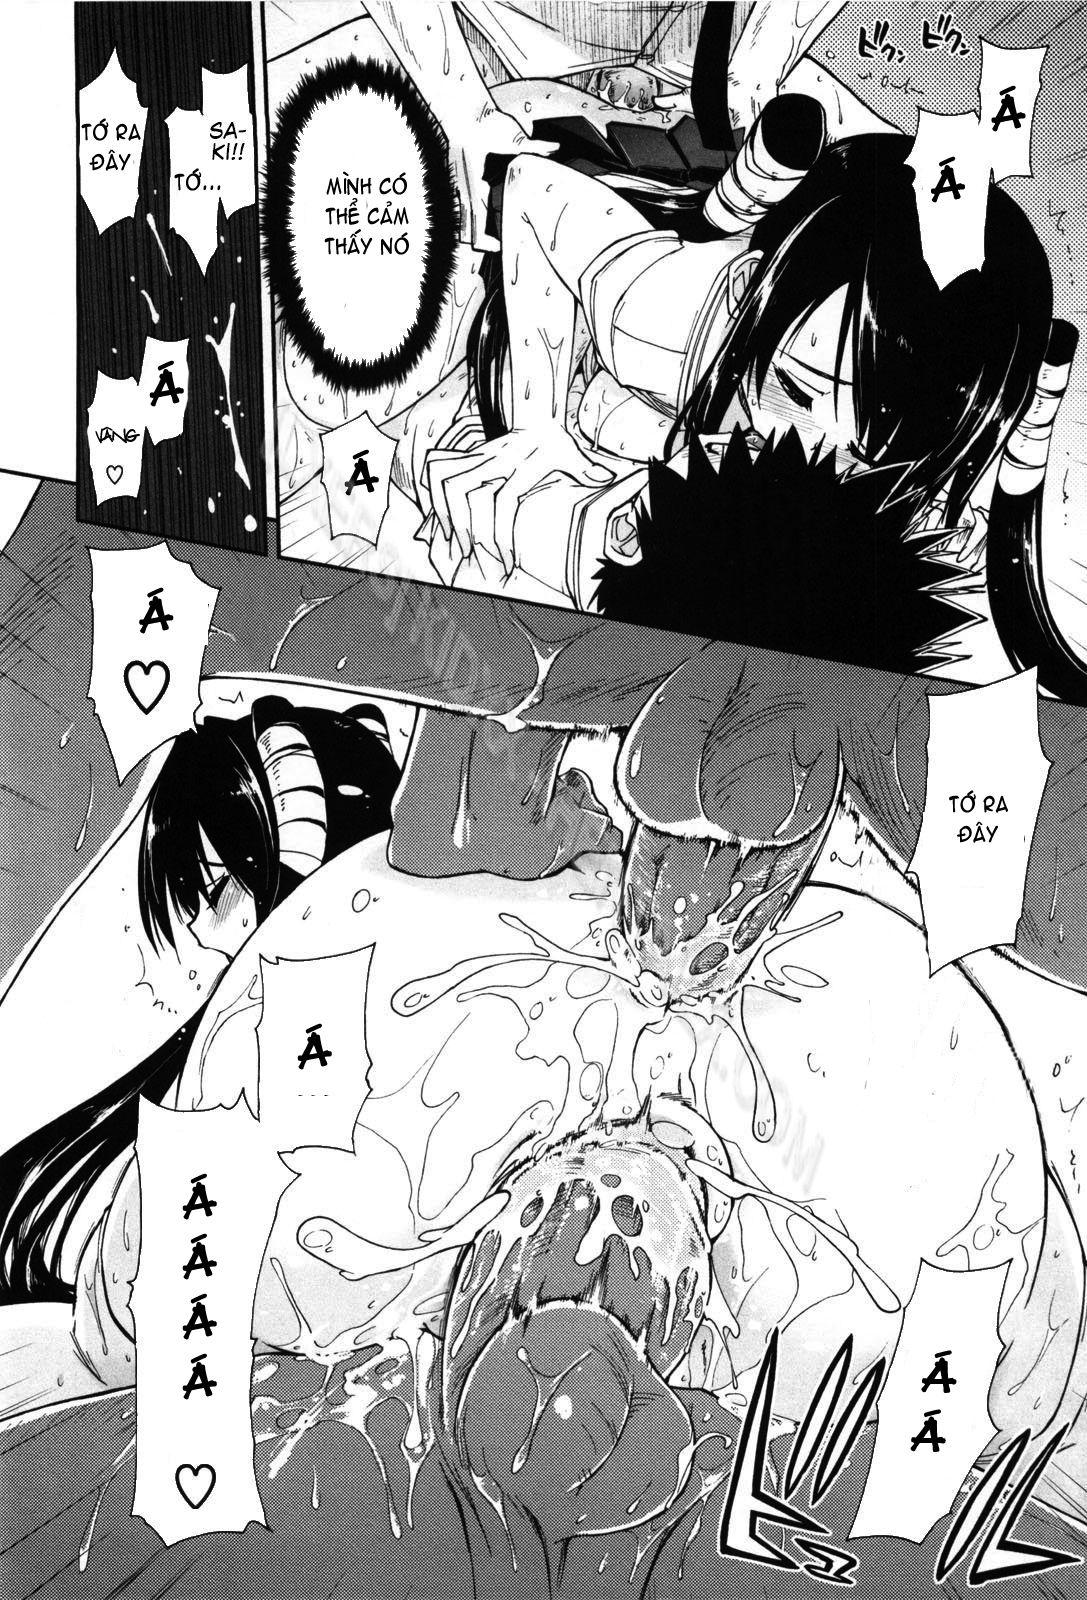 Hình ảnh Image00072 trong bài viết Karadajuu Full Uncensored